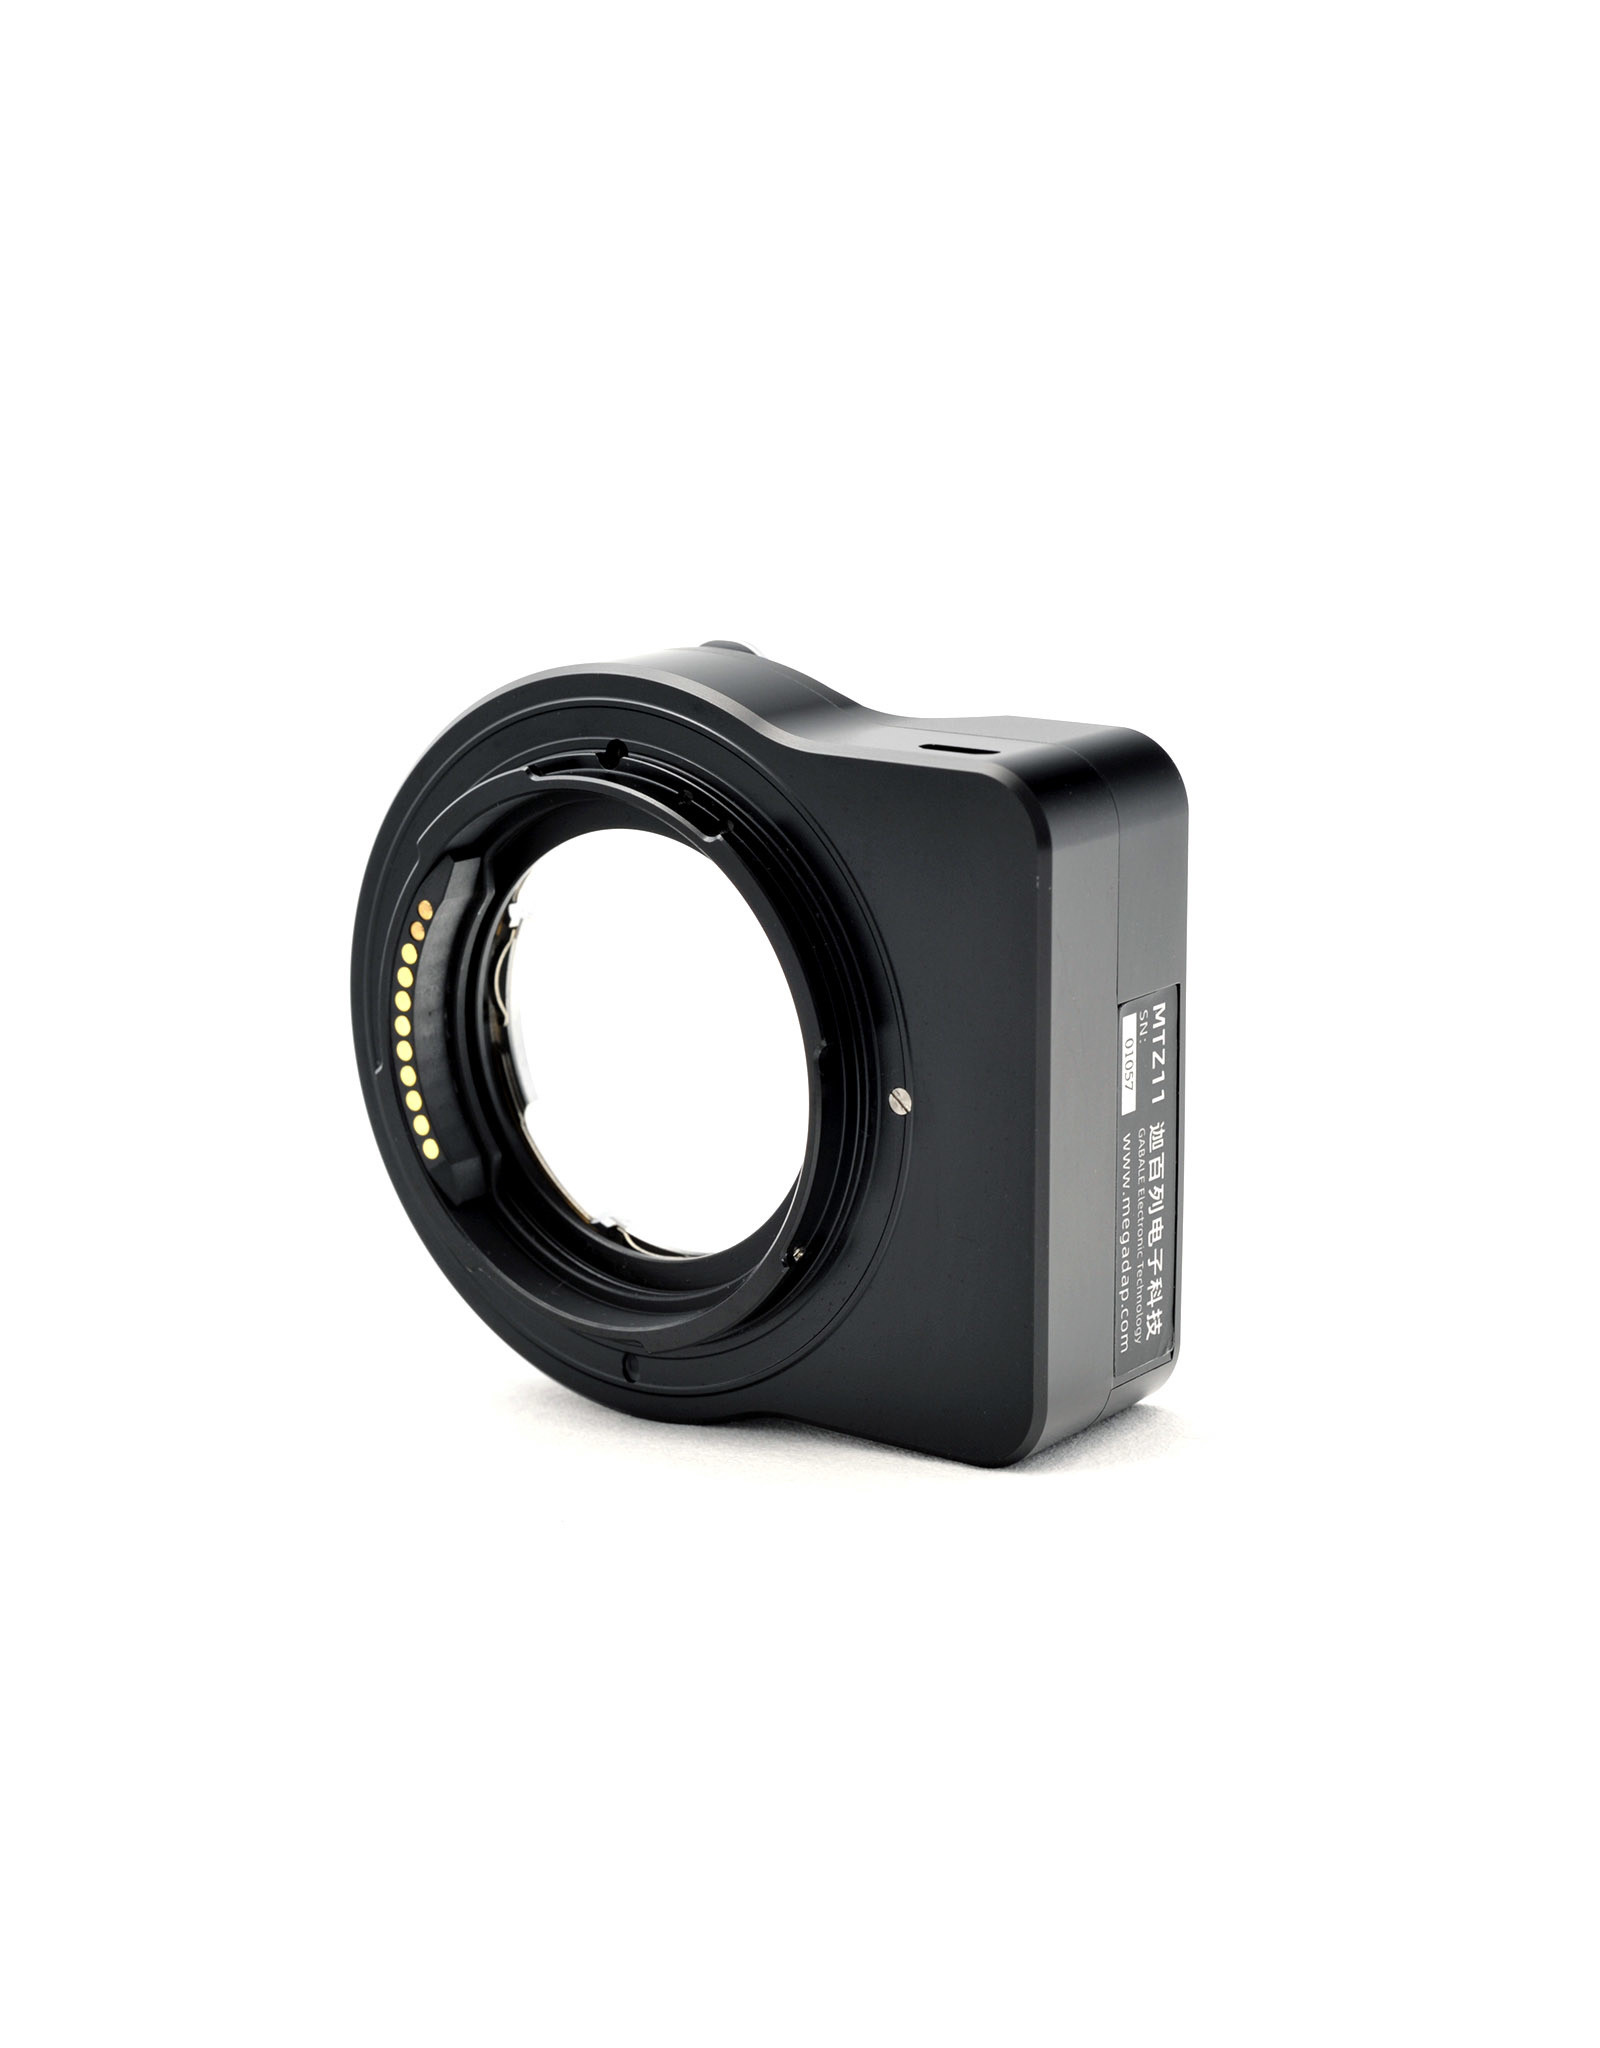 Nikon Megadap MTZ11 Auto Adapter   AP1051907